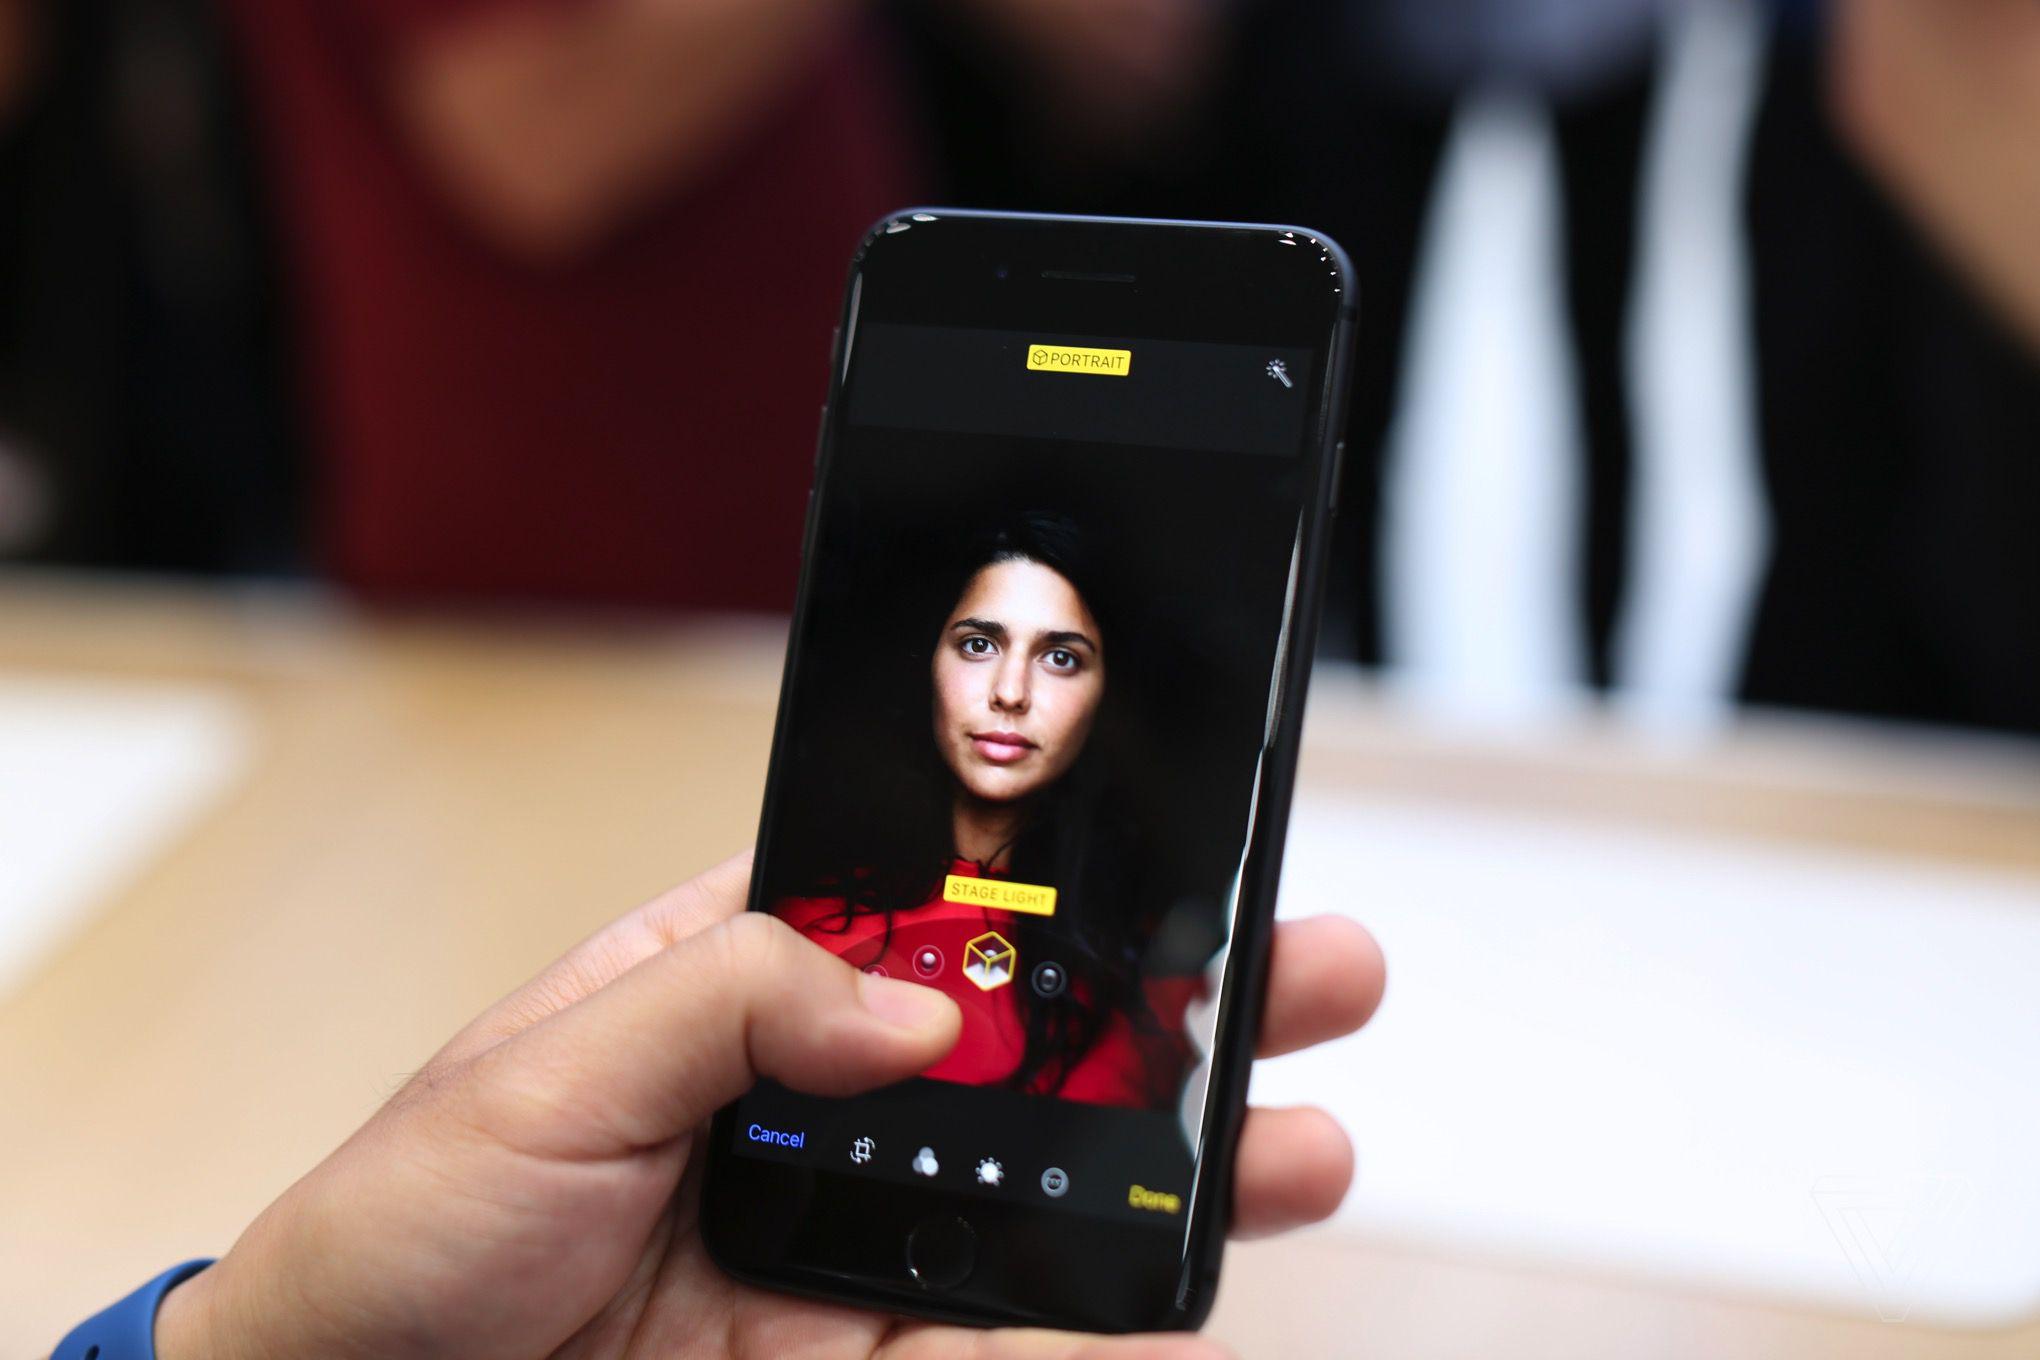 Mua iPhone X ở đâu là rẻ nhất và đắt nhất? - Ảnh 1.